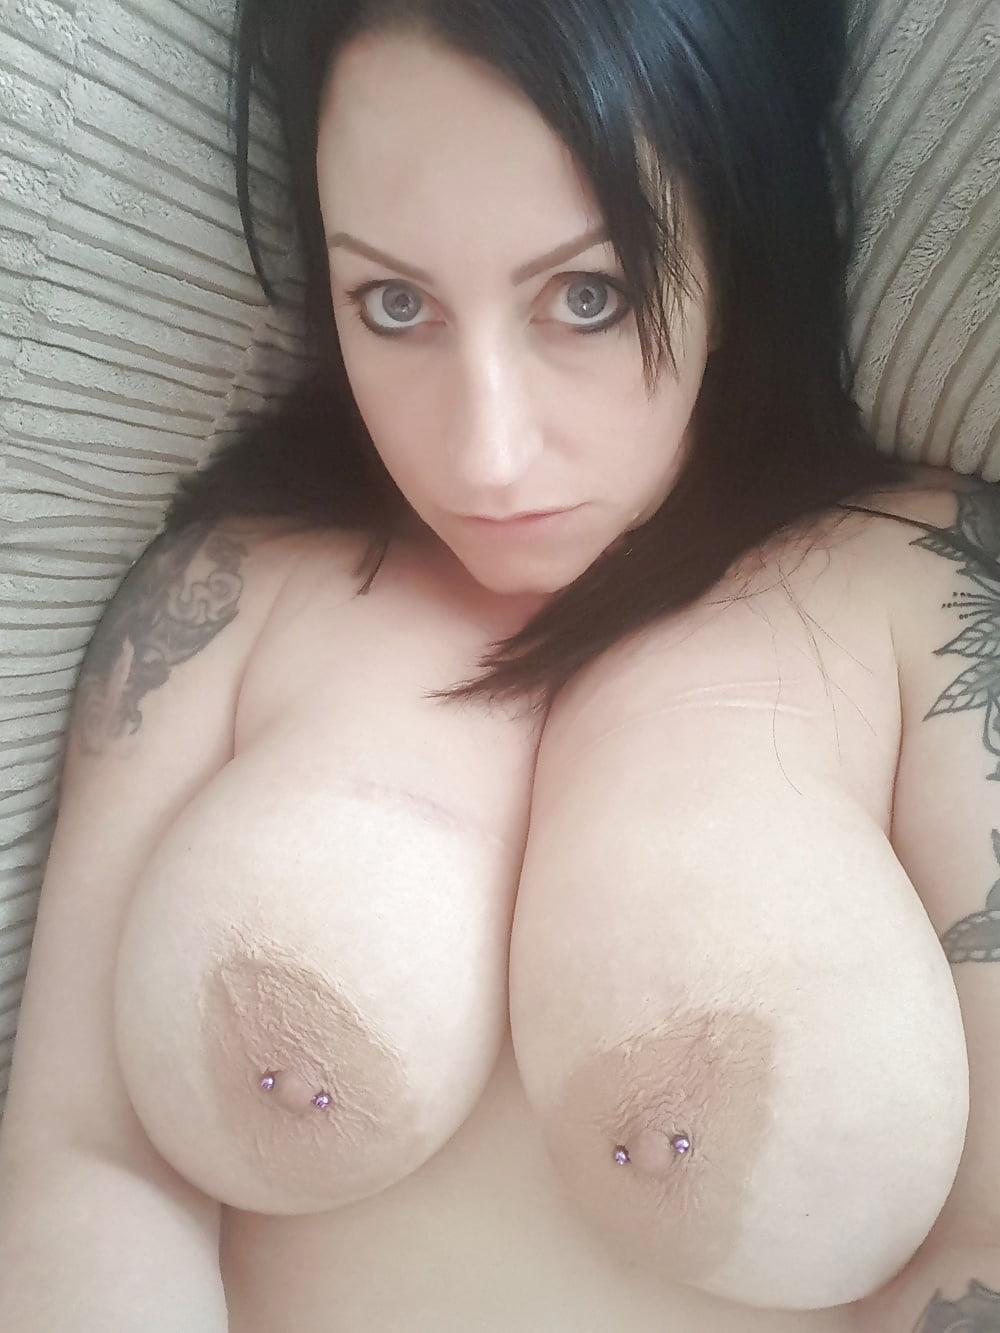 Fotos Milfs pornstars tetas grandes como Jem Summers una madura tetona.